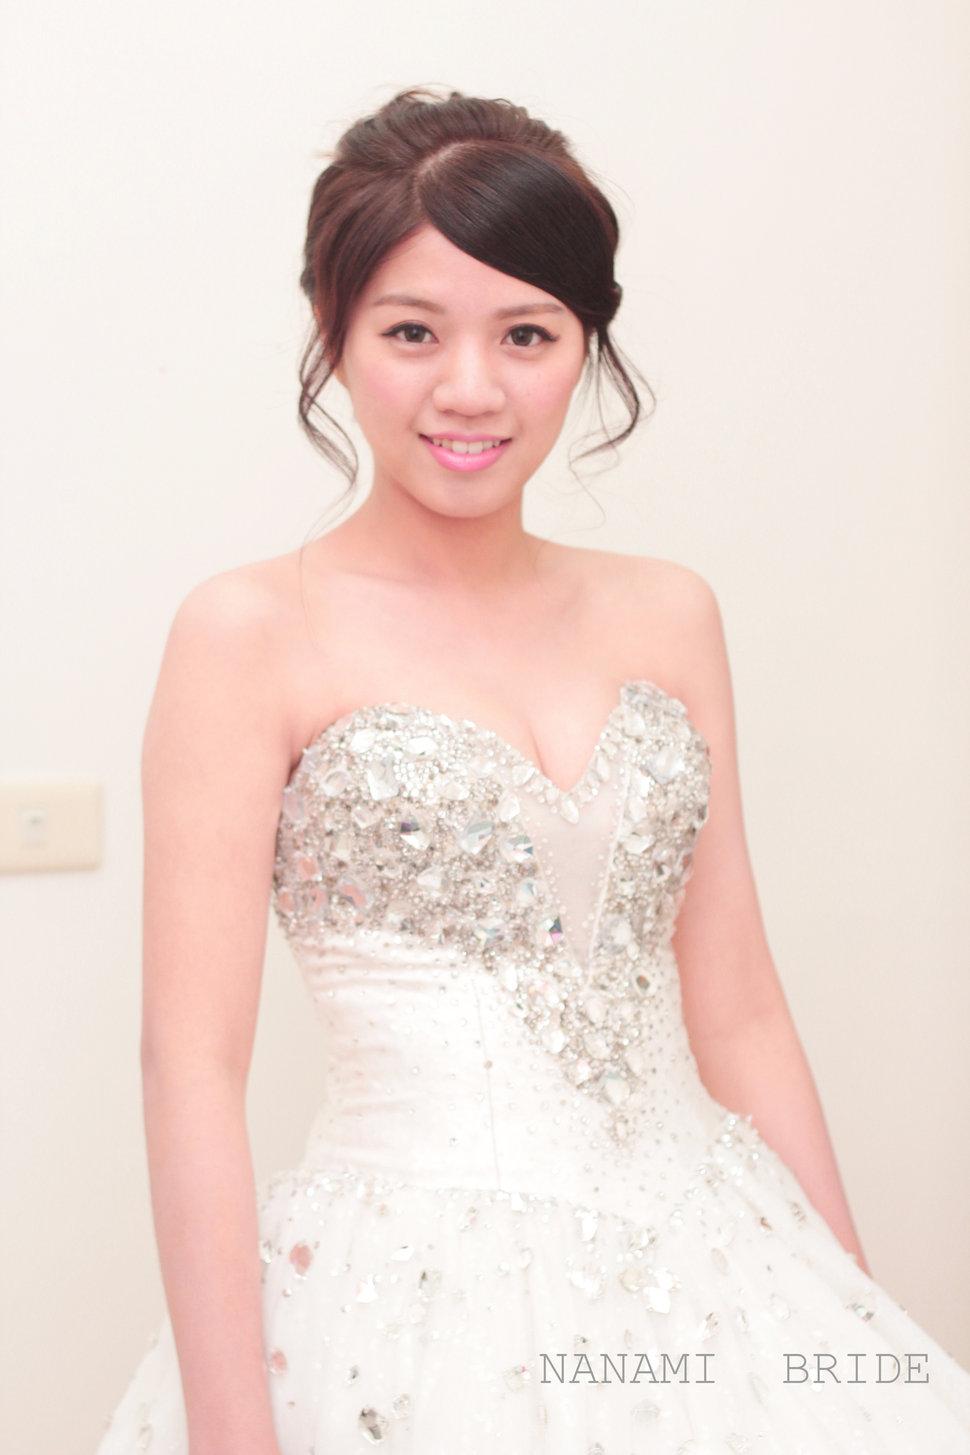 作品(編號:6133) - Nanami 張慈慈《結婚吧》